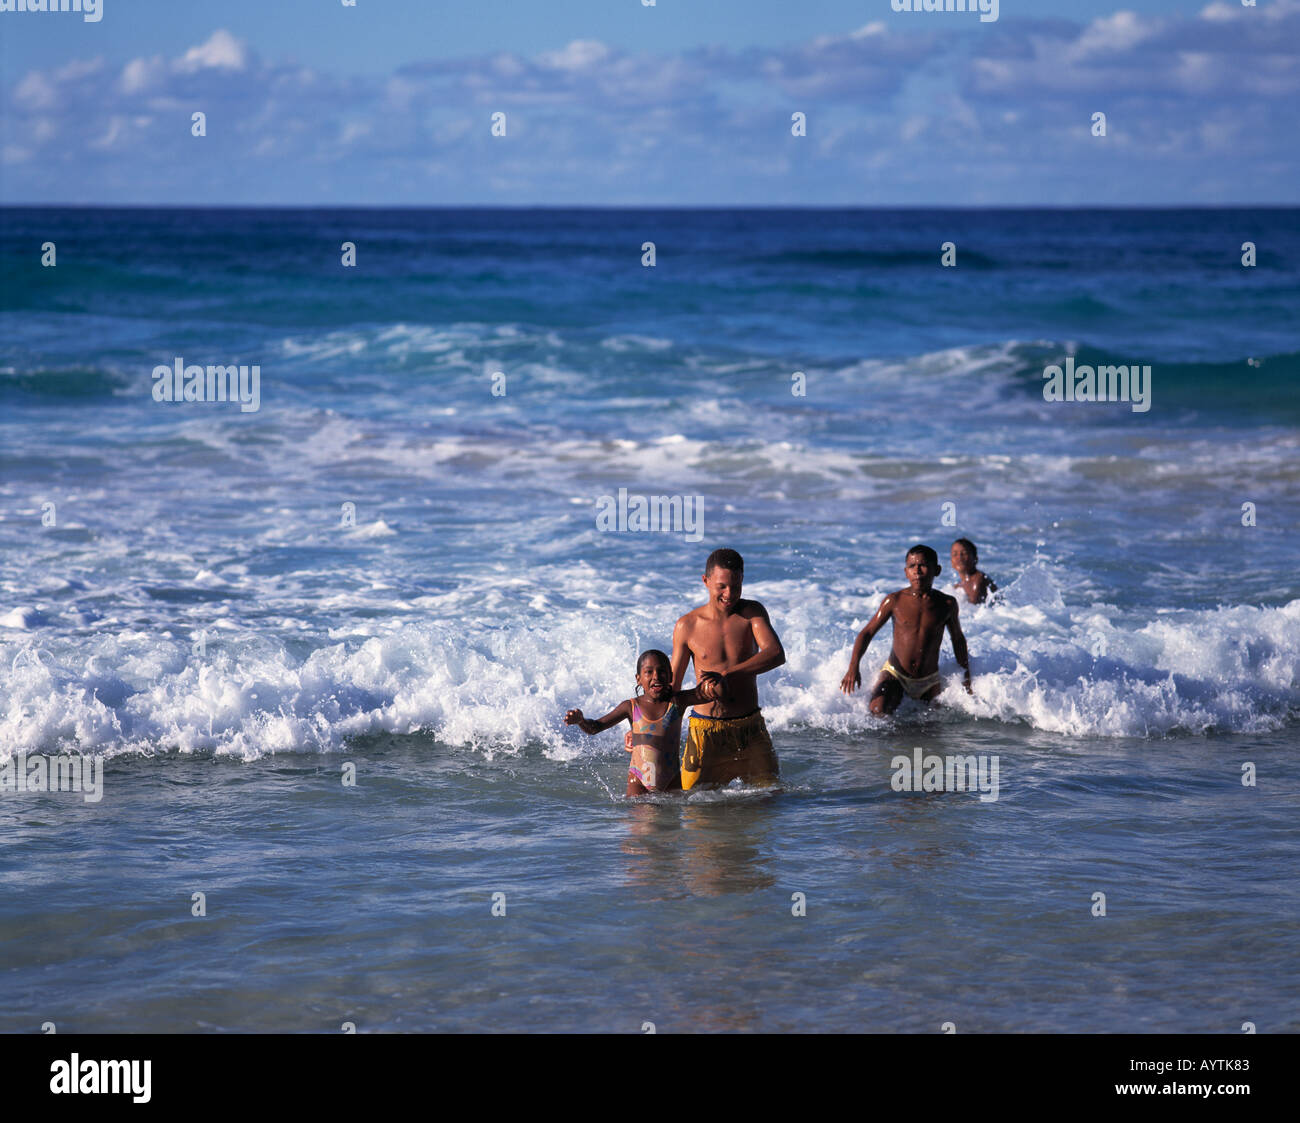 Kinder und Jugendliche, Baden im Meer, jungen, Mädchen